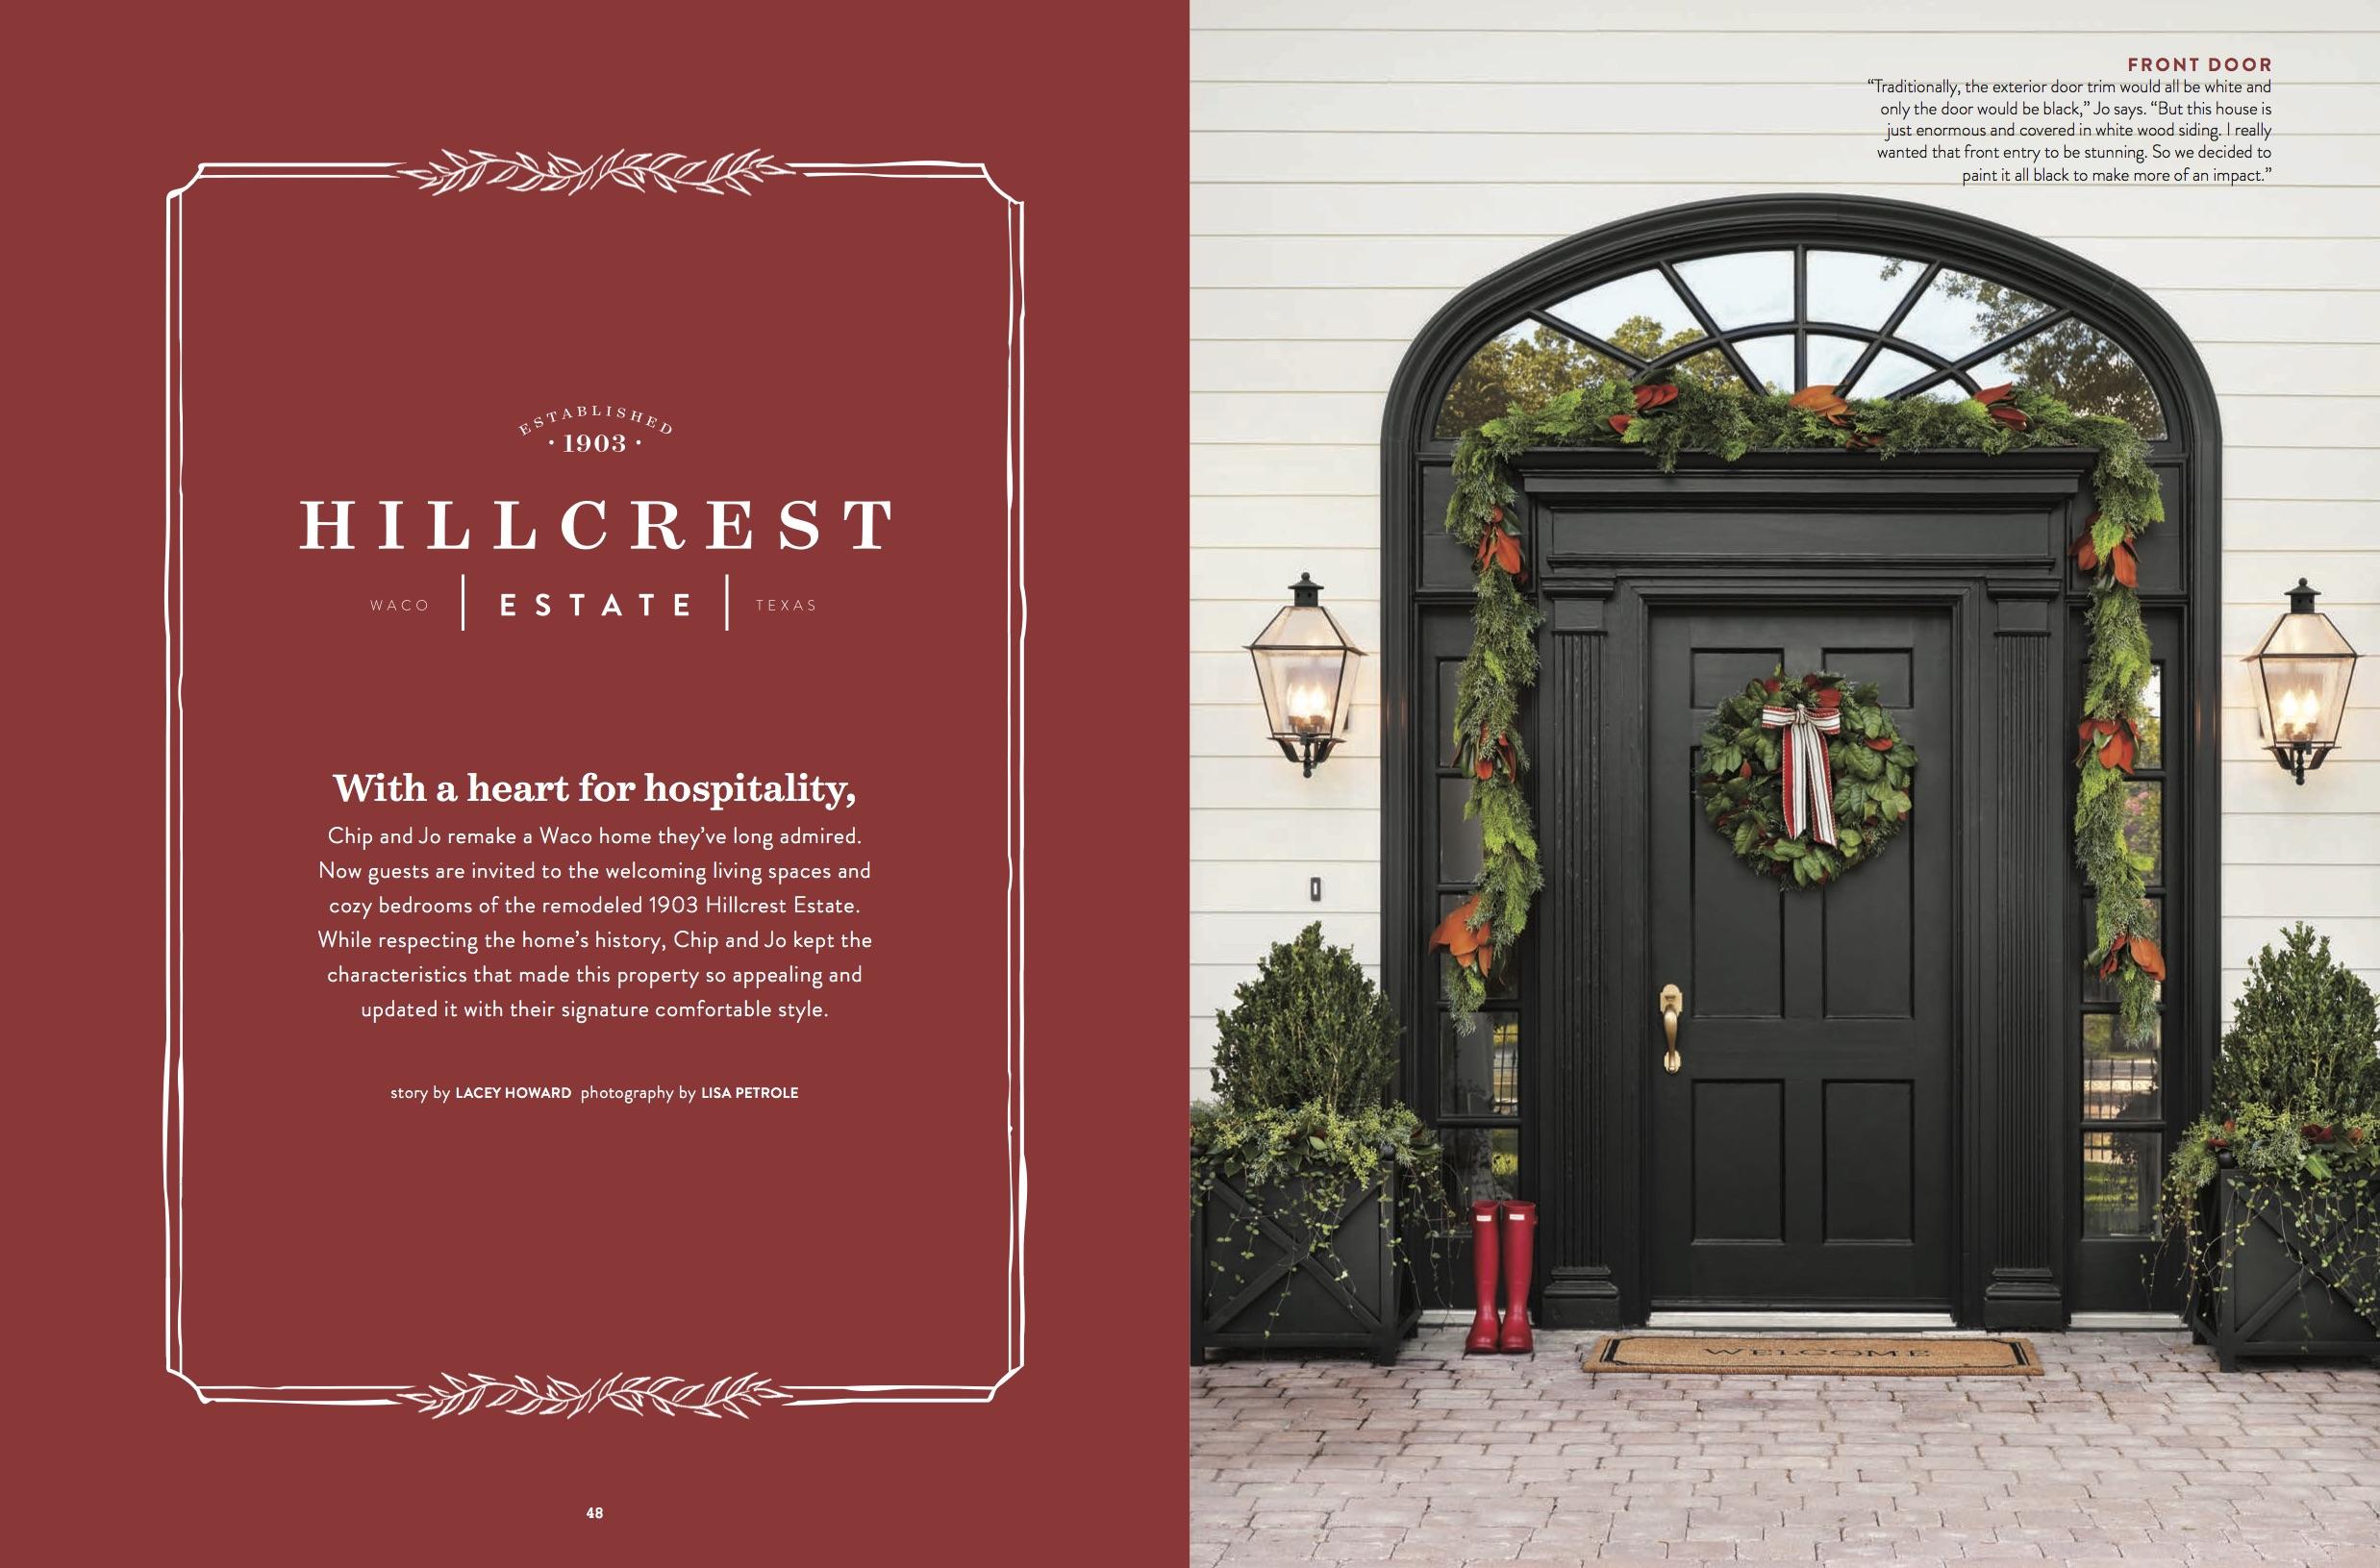 HillcrestHouse1.jpg